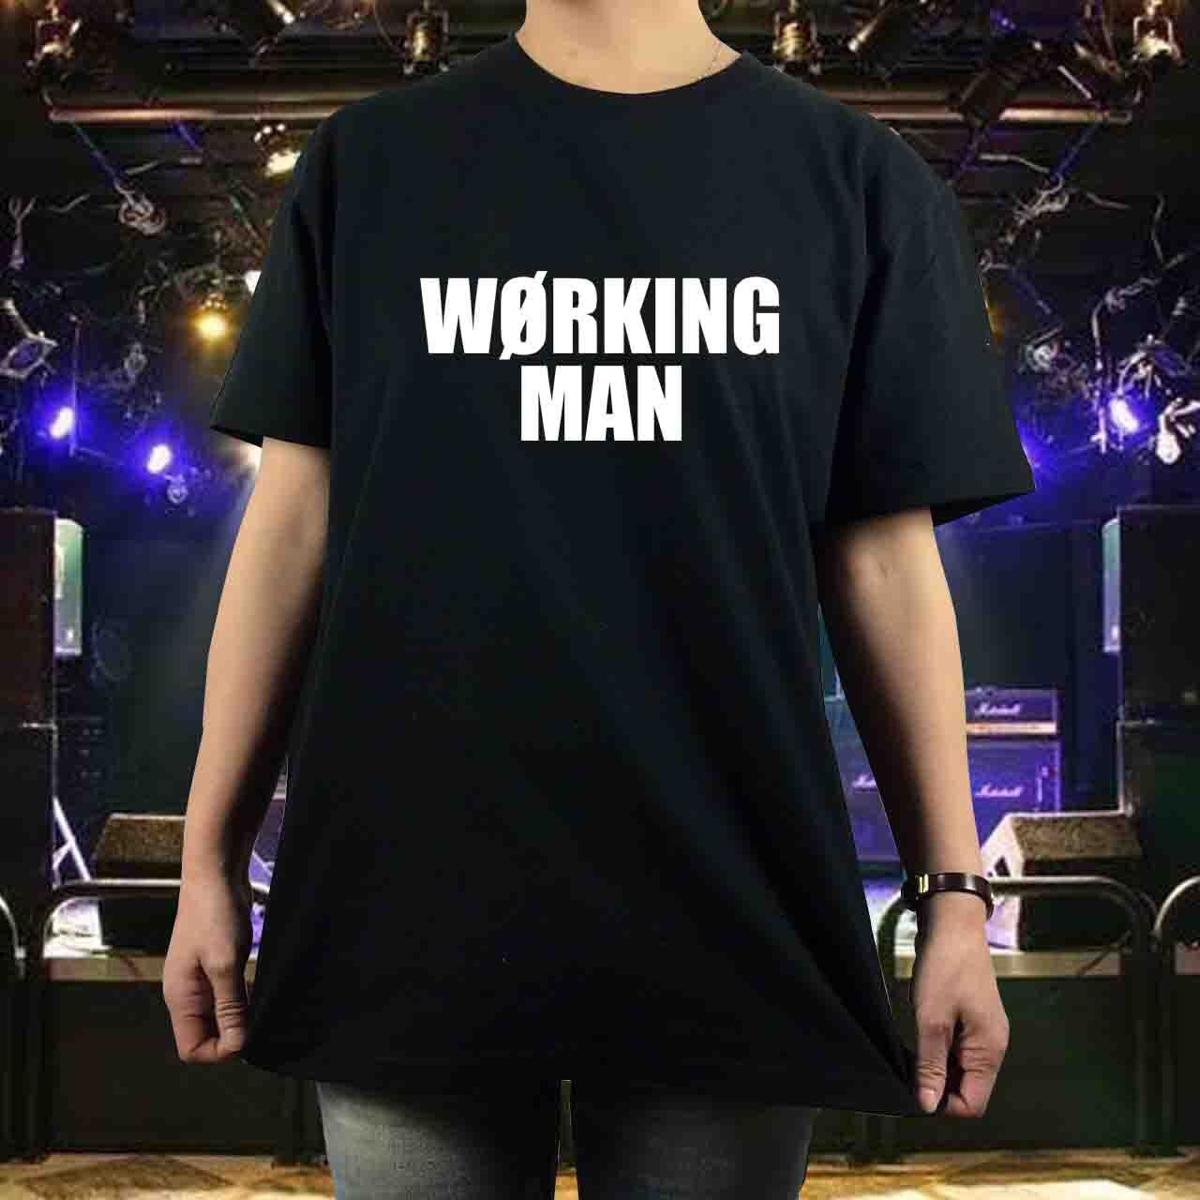 新品 BOOWY ボウイ WORKING MAN Tシャツワー S M L XL 氷室 布袋 GIGS 大きい ビッグオーバーサイズ XXL 3XL 4XL 5XL ロンT 長袖 黒対応可 グッズの画像